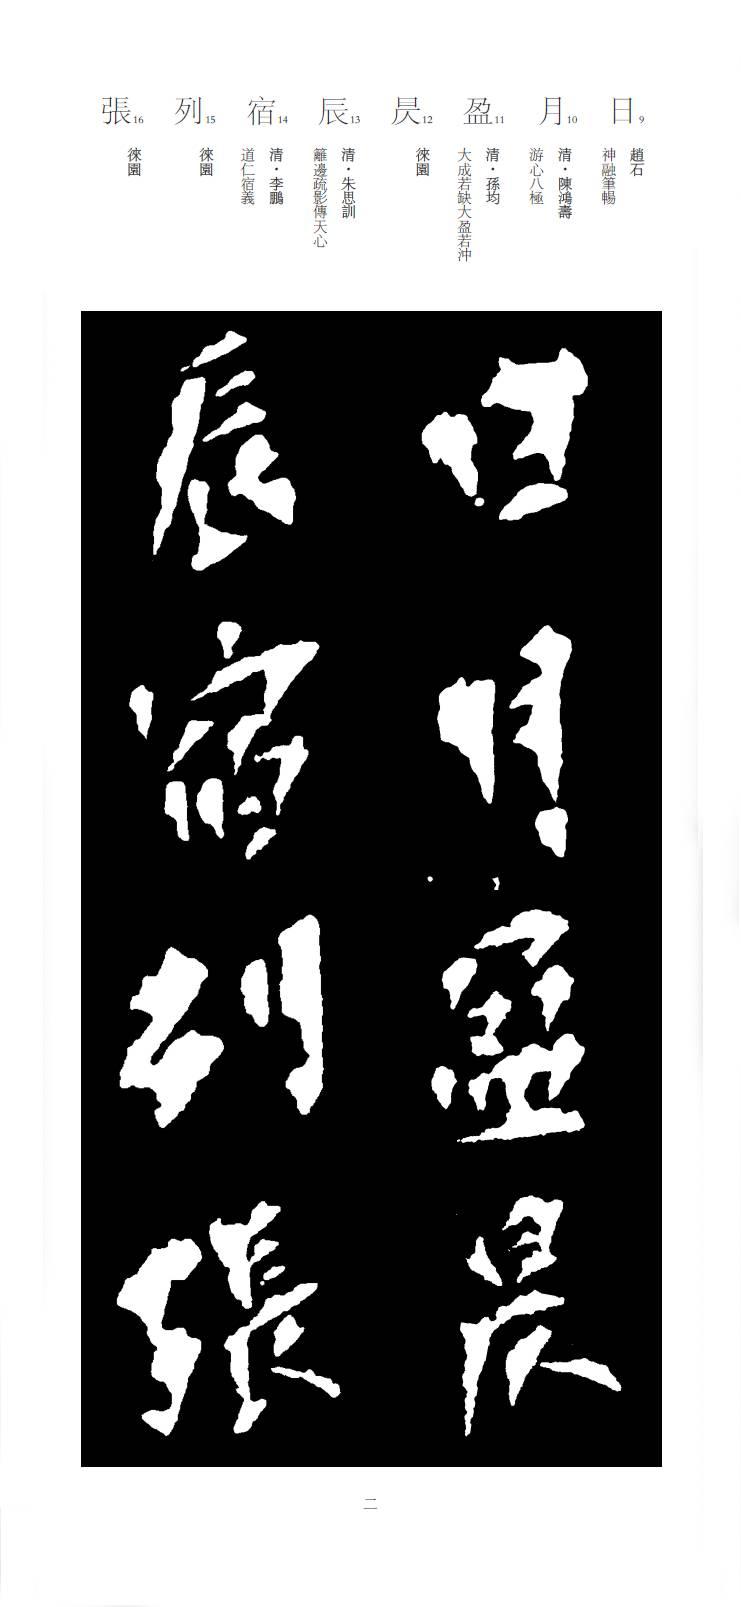 ?{?}_挽近于右任公鸠雧众草,杂采元橥,造标准草书行世,亦在此列.